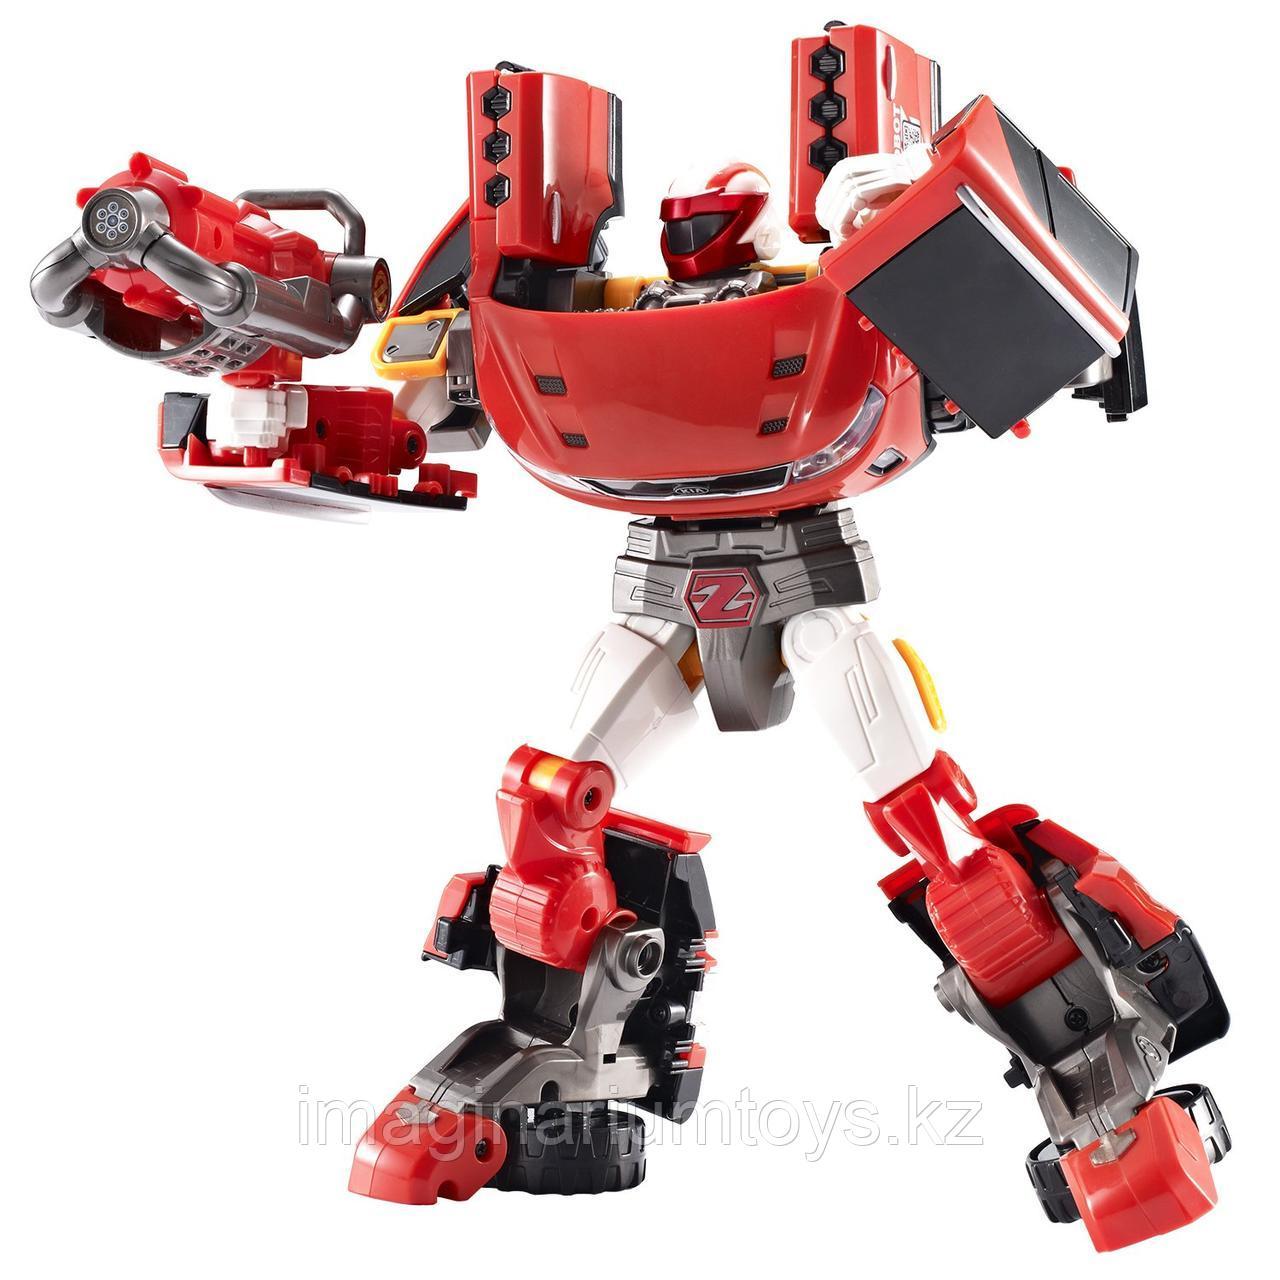 Тобот Приключения Z робот трансформер большой